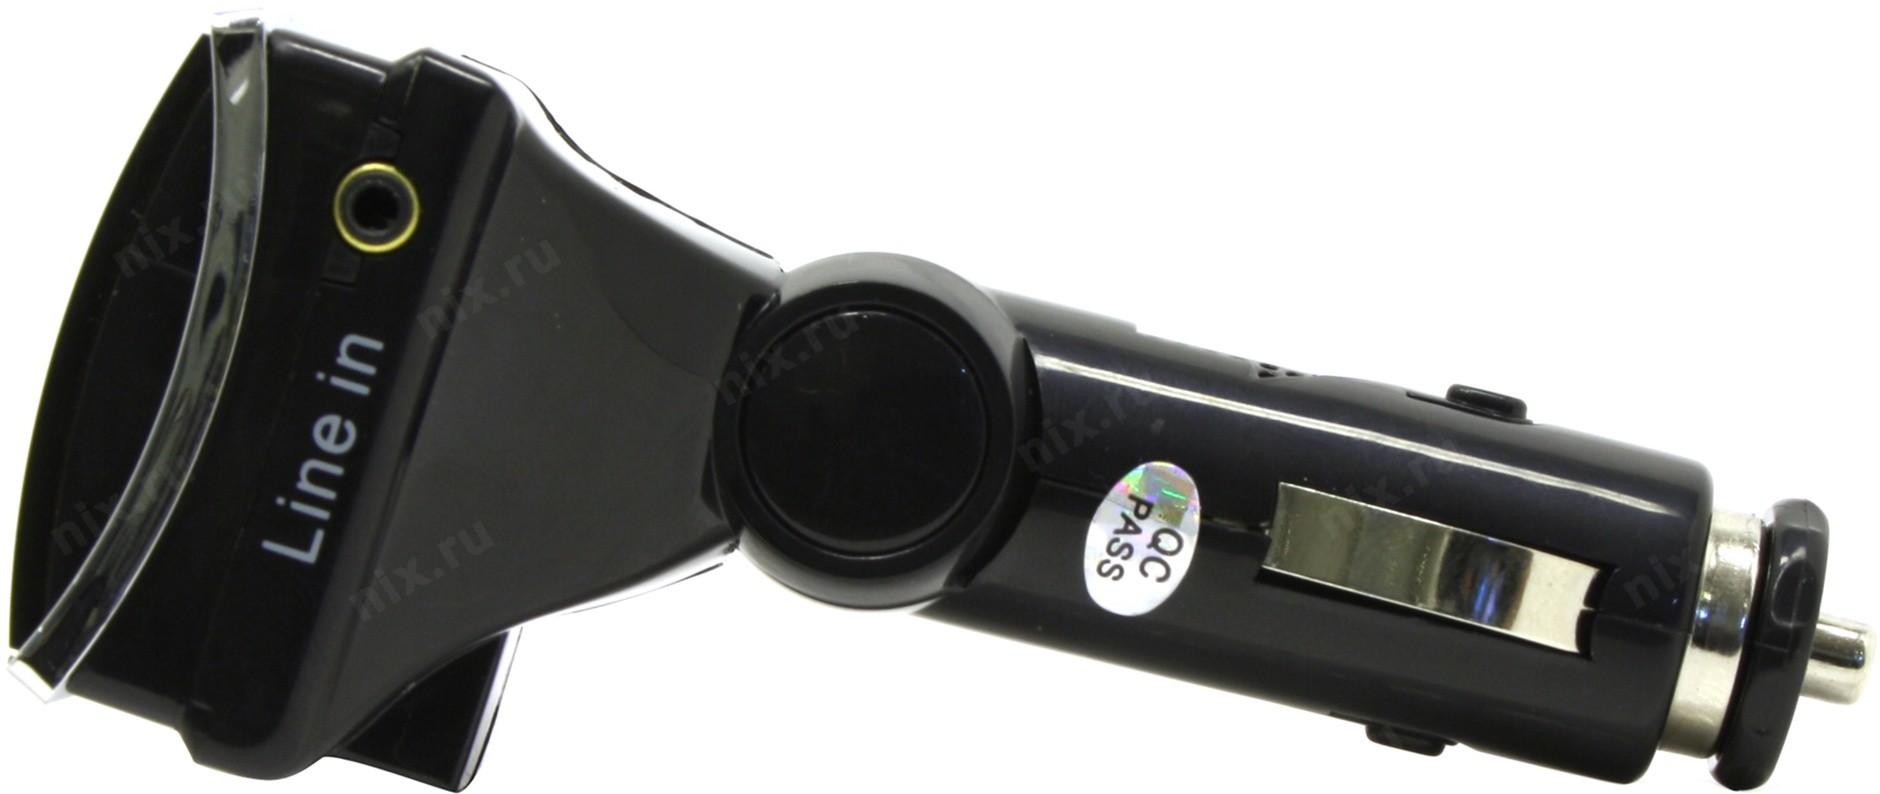 Ritmix Fm Transmitter Fmt A750 Инструкция